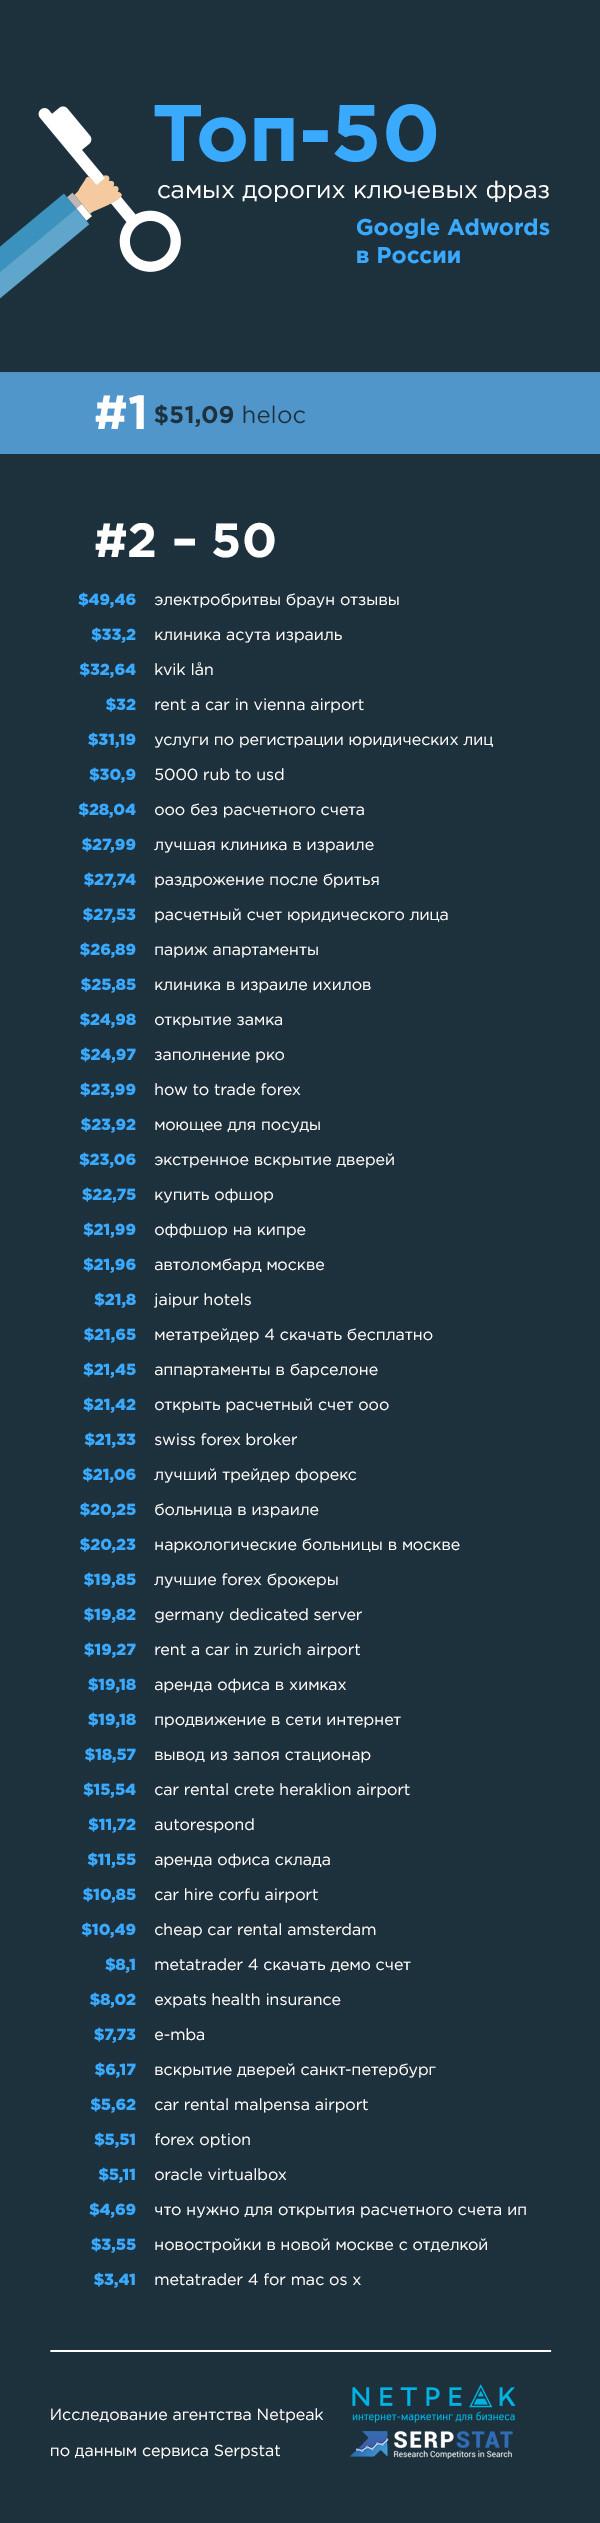 Топ-50 самых дорогих ключевых слов AdWords в России